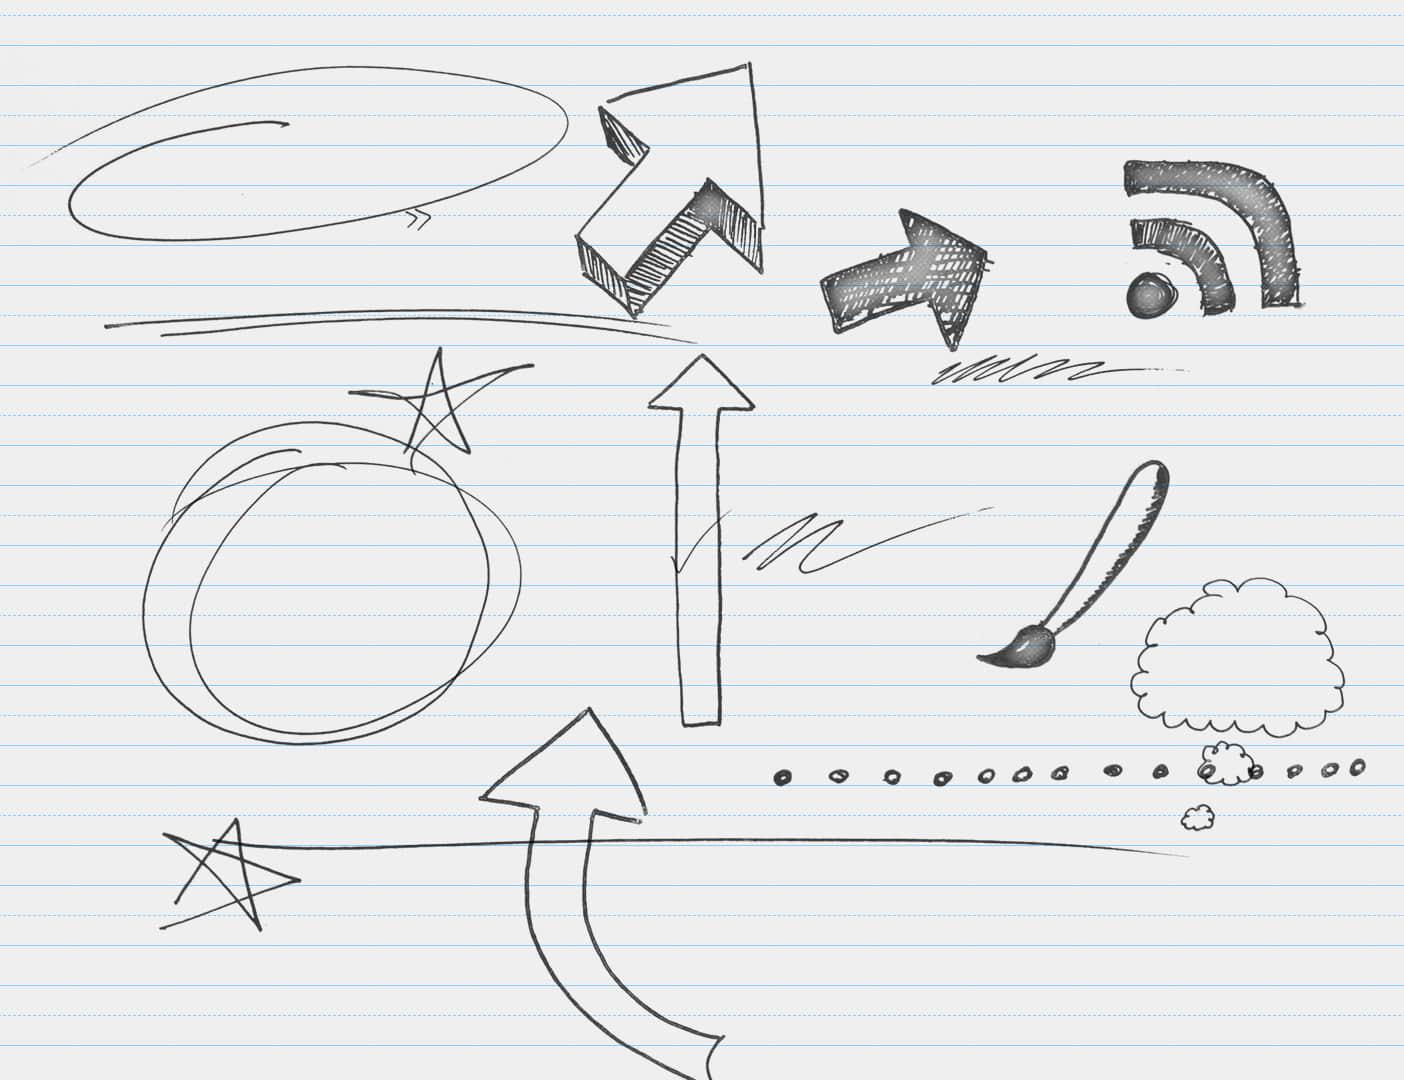 手绘童趣涂鸦箭头、星星、圆圈等PS笔刷下载